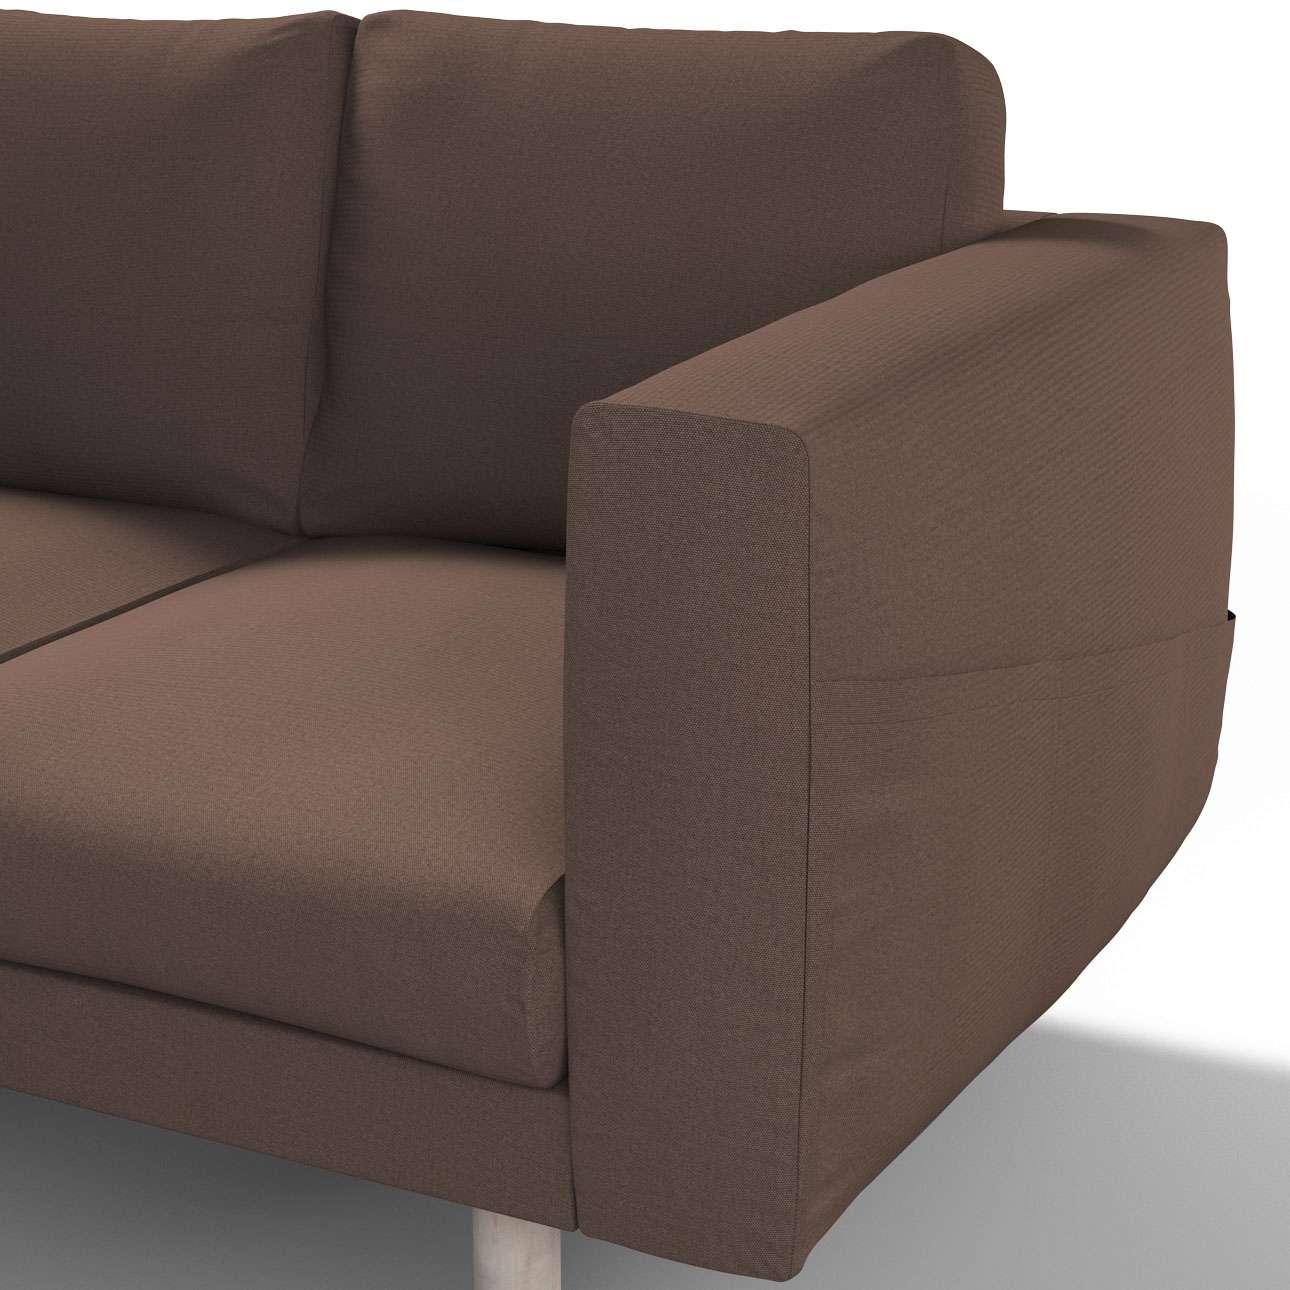 Pokrowiec na sofę Norsborg 3-osobową w kolekcji Etna, tkanina: 705-08